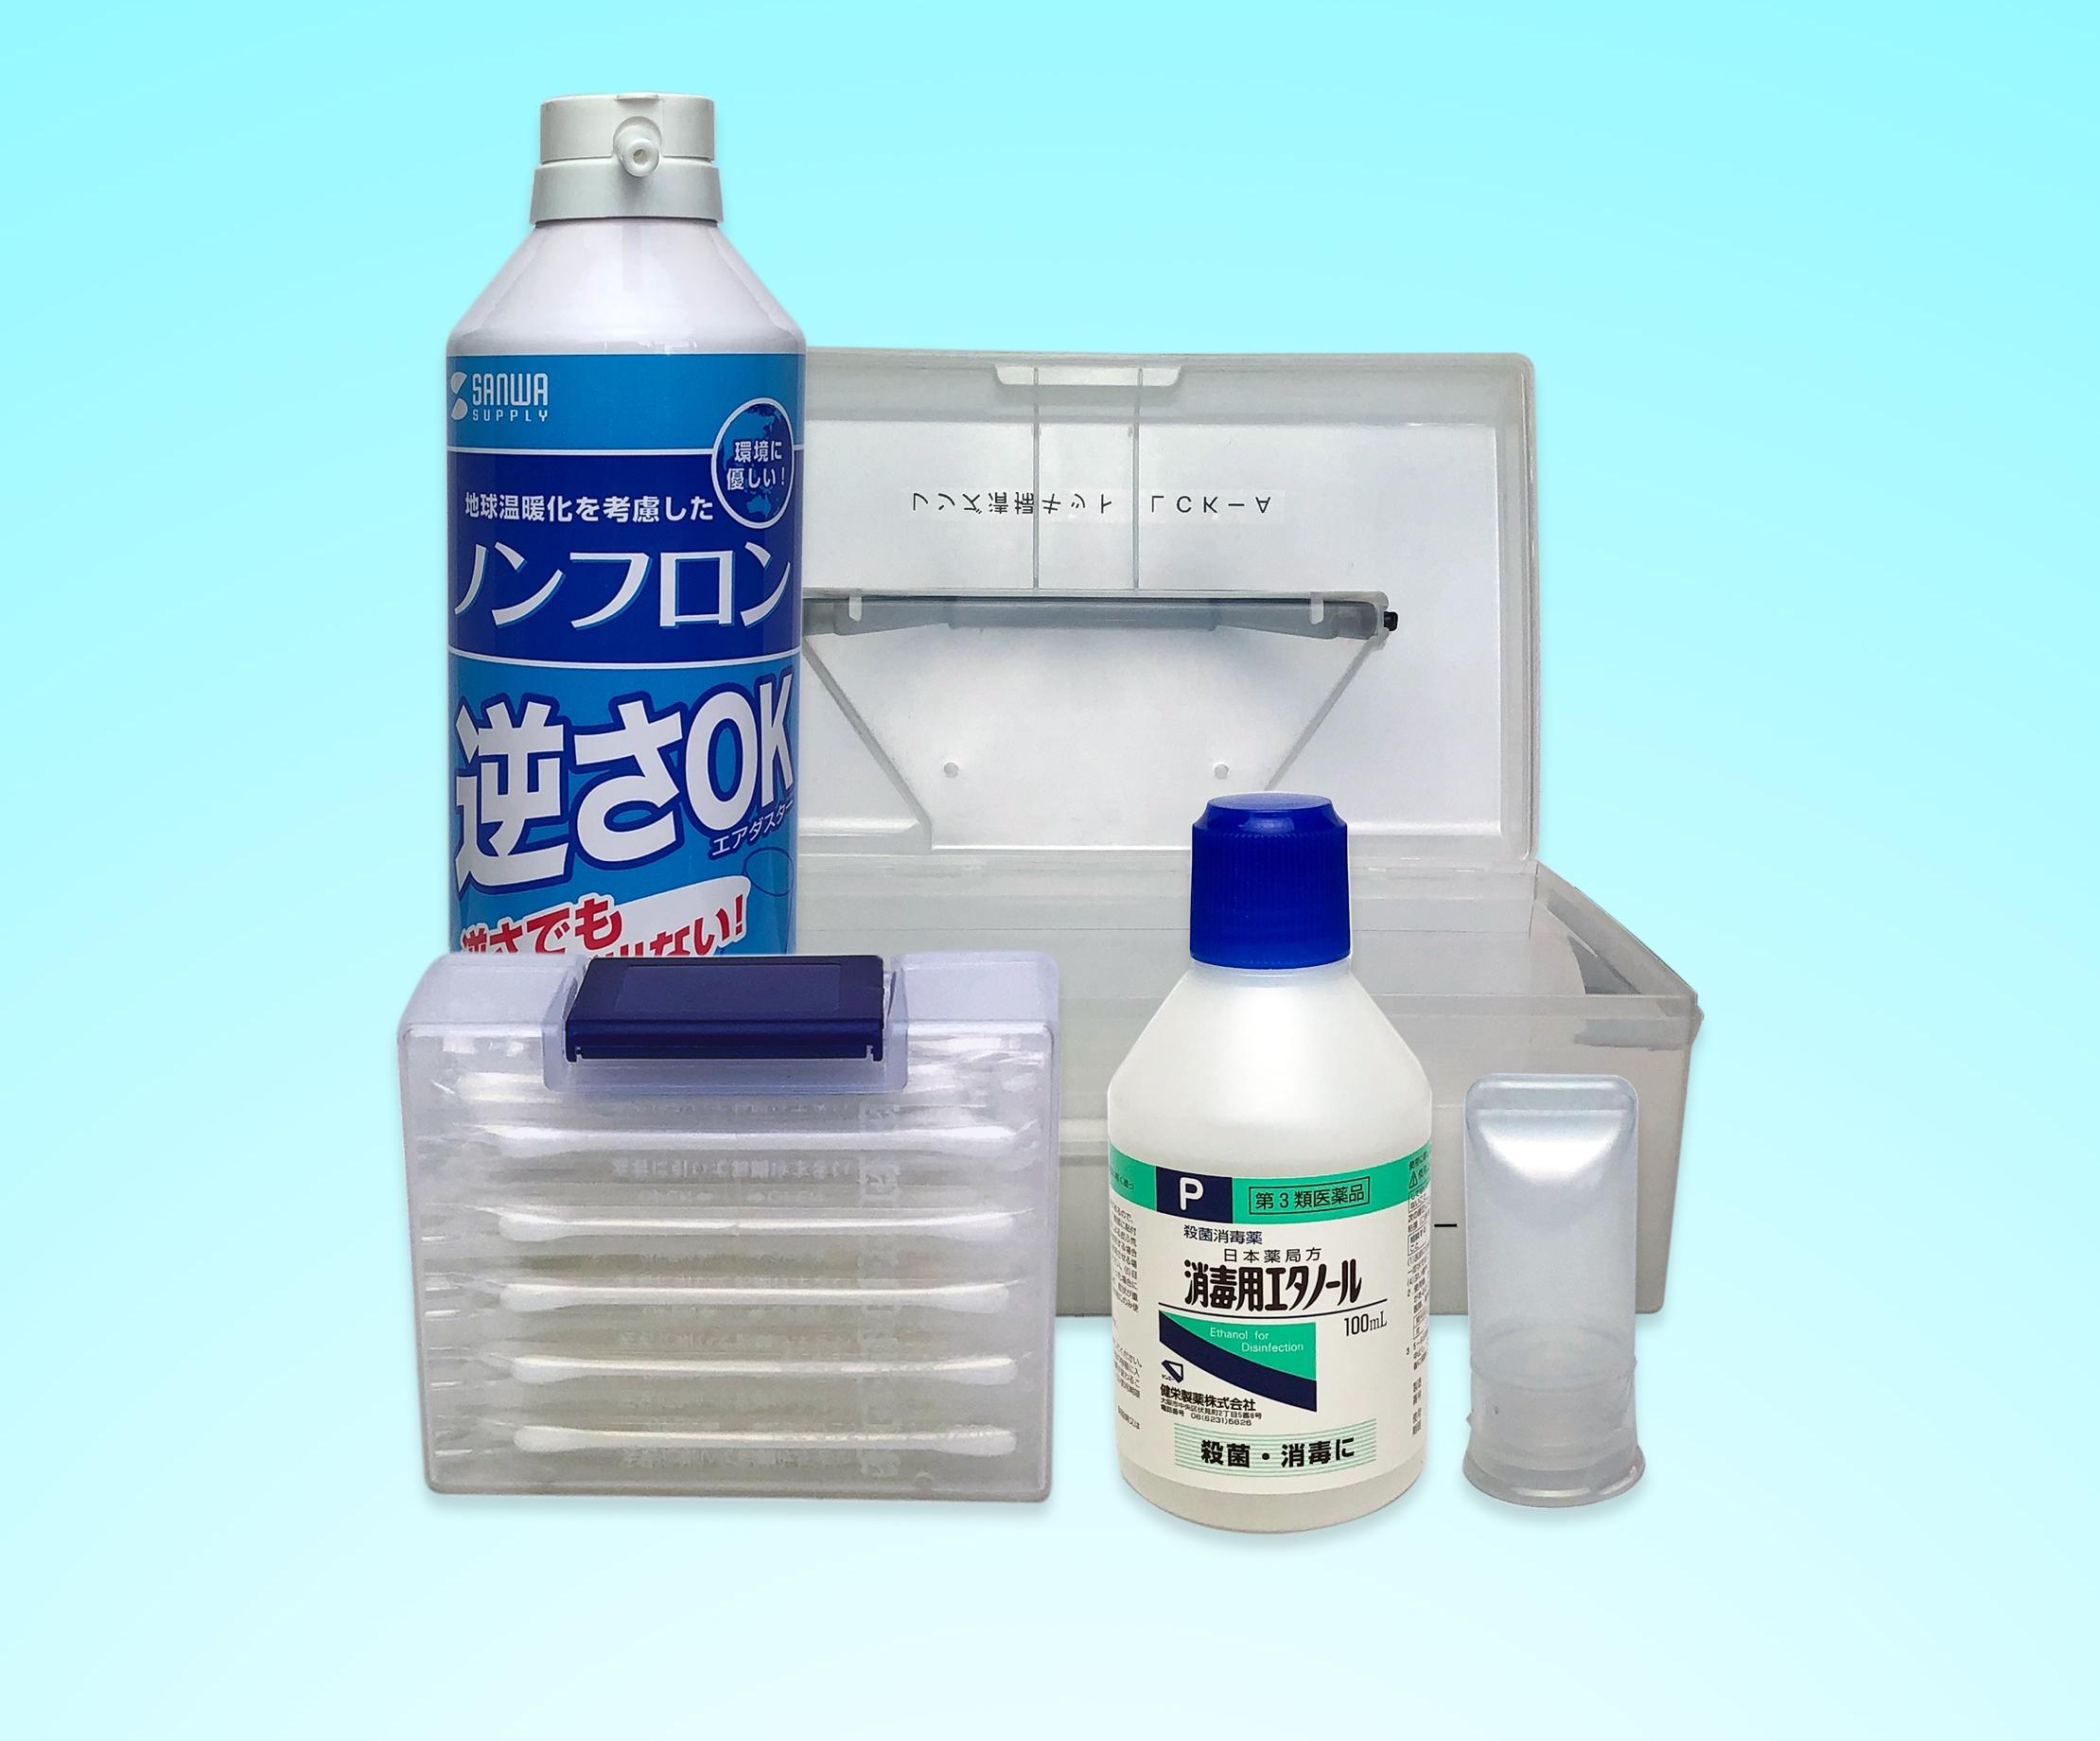 放射温度計用レンズ清掃キット LCK-A